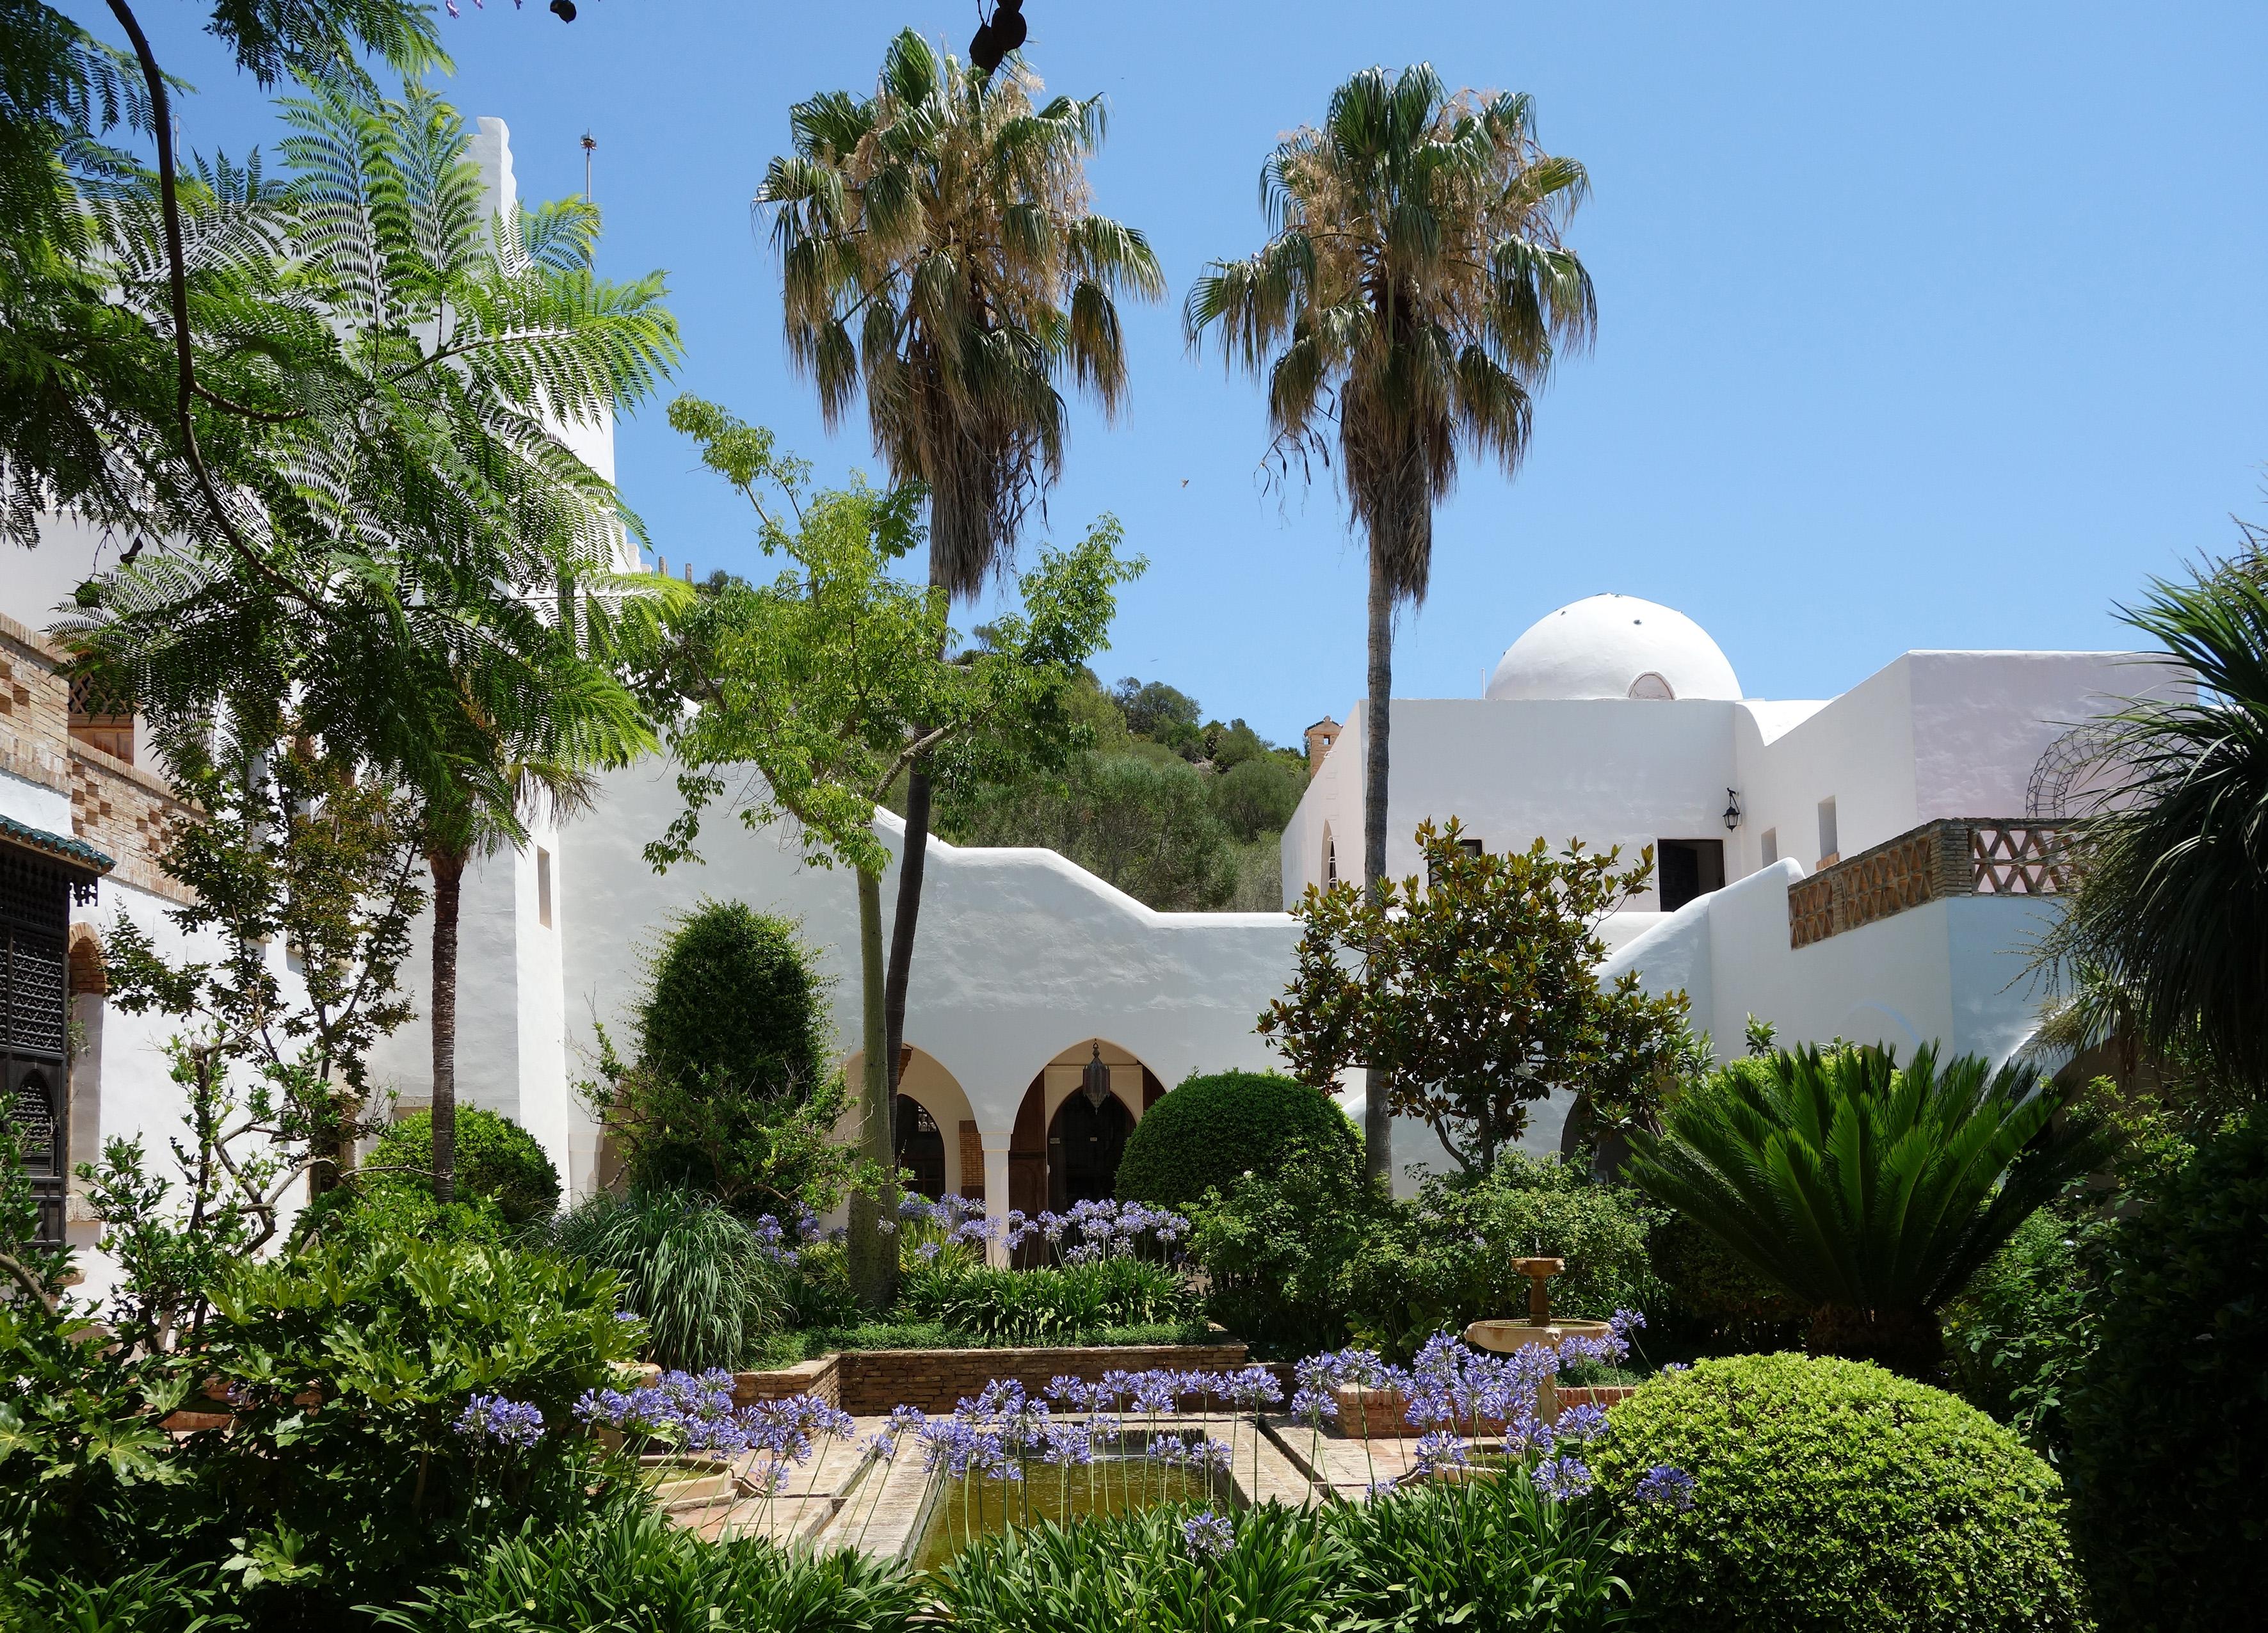 Das Haus von Hassan Fathy: Zentraler Innenhof von msbb und blühender Agapanthus © Fundacion Yannick y Ben Jakober